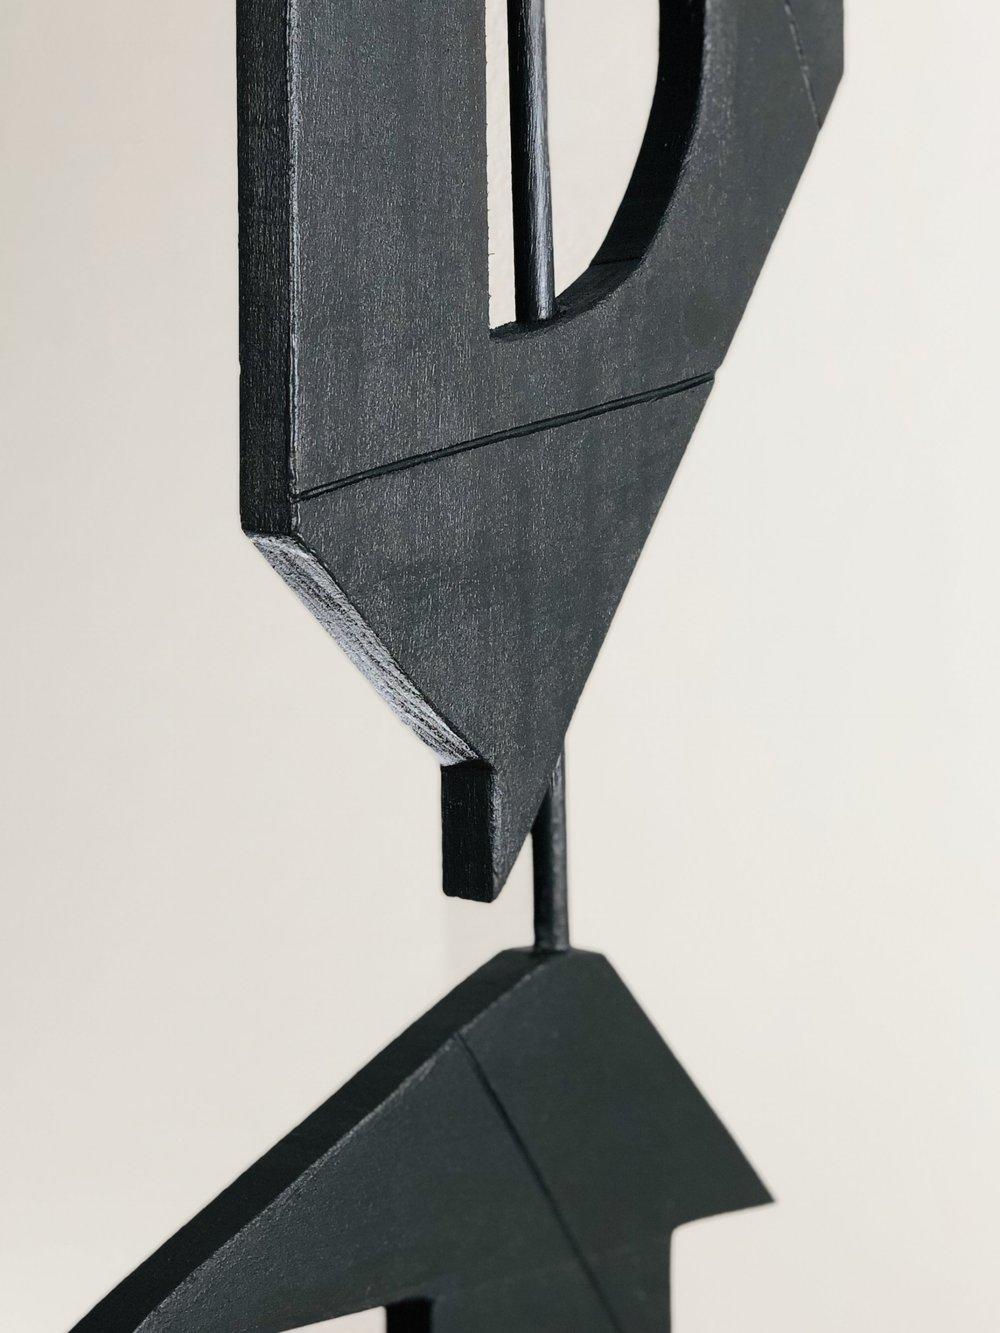 Sculpture002-Detail.jpg